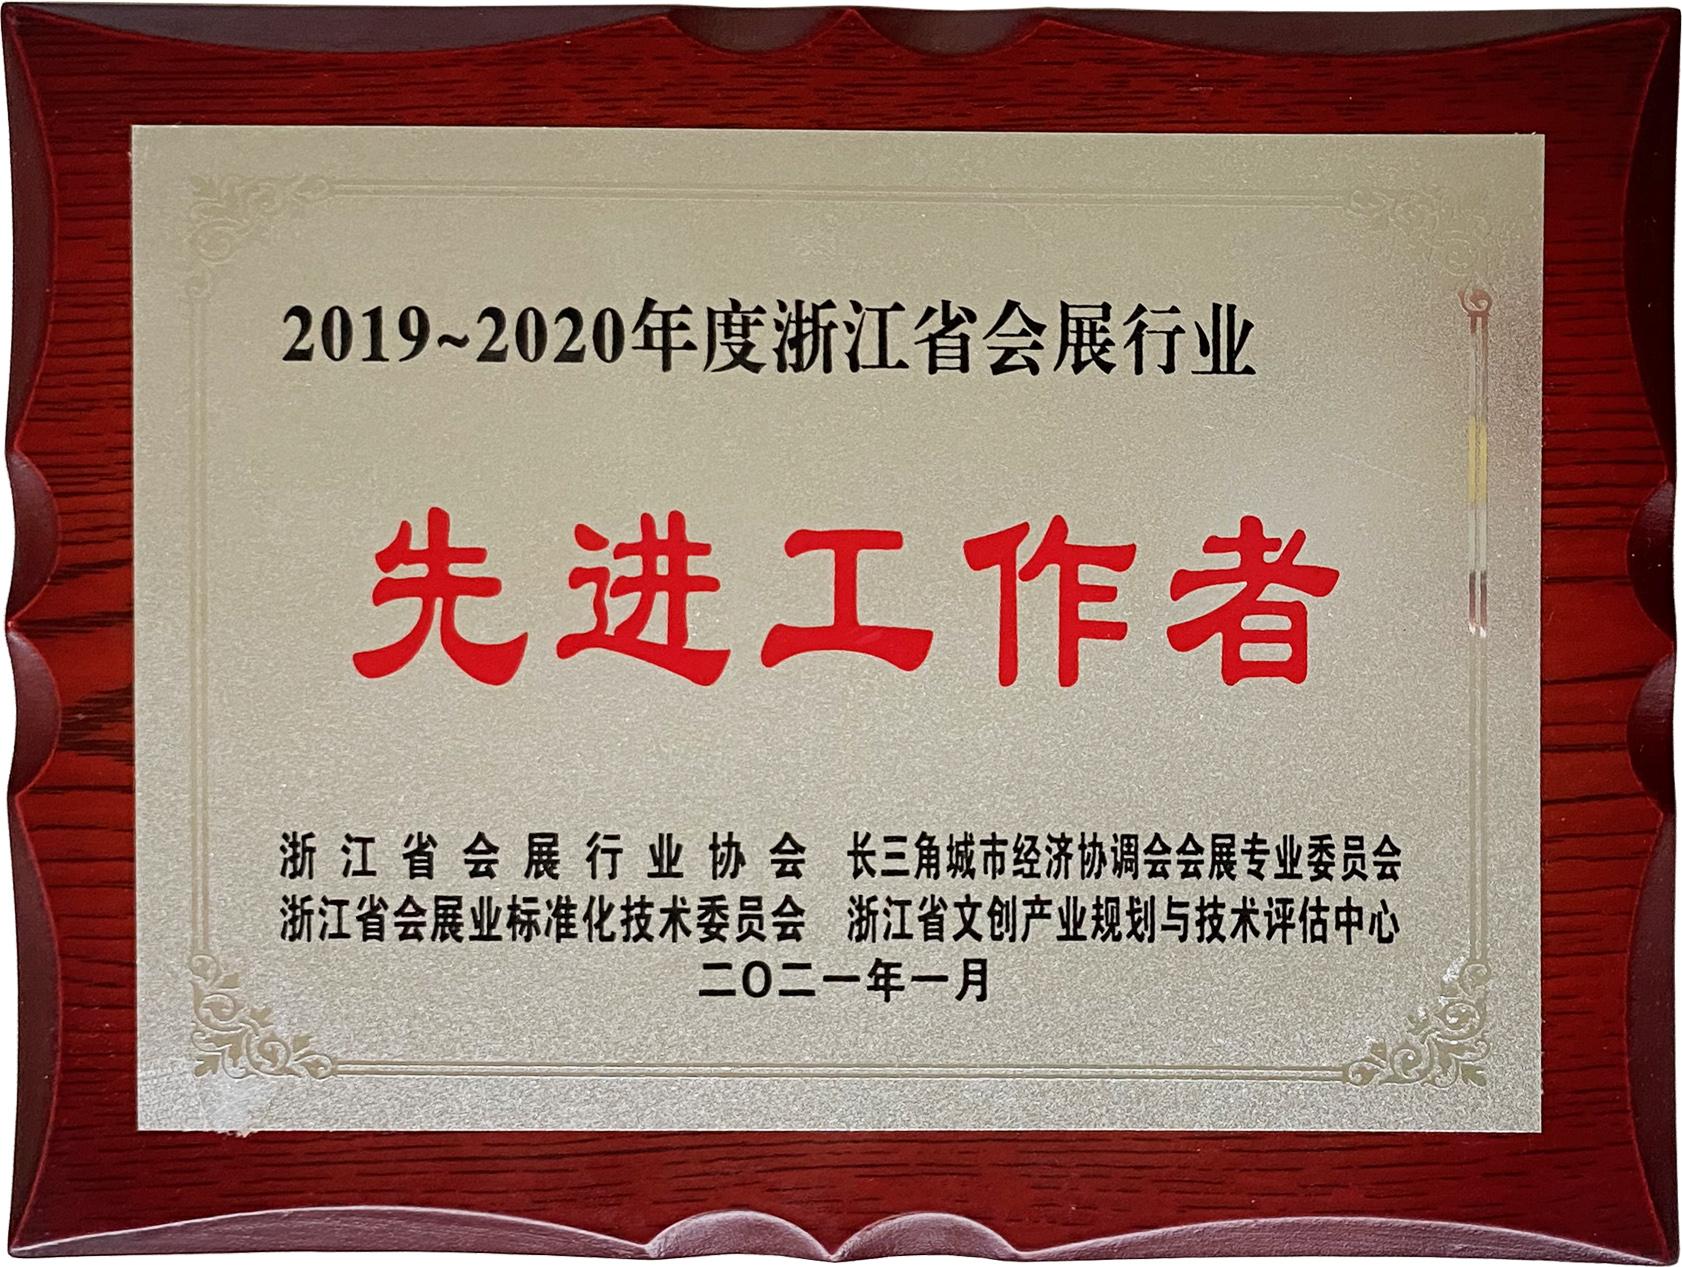 伍方董事长滕庆磊被授予2019~2020年度浙江省会展行业先进工作者荣誉